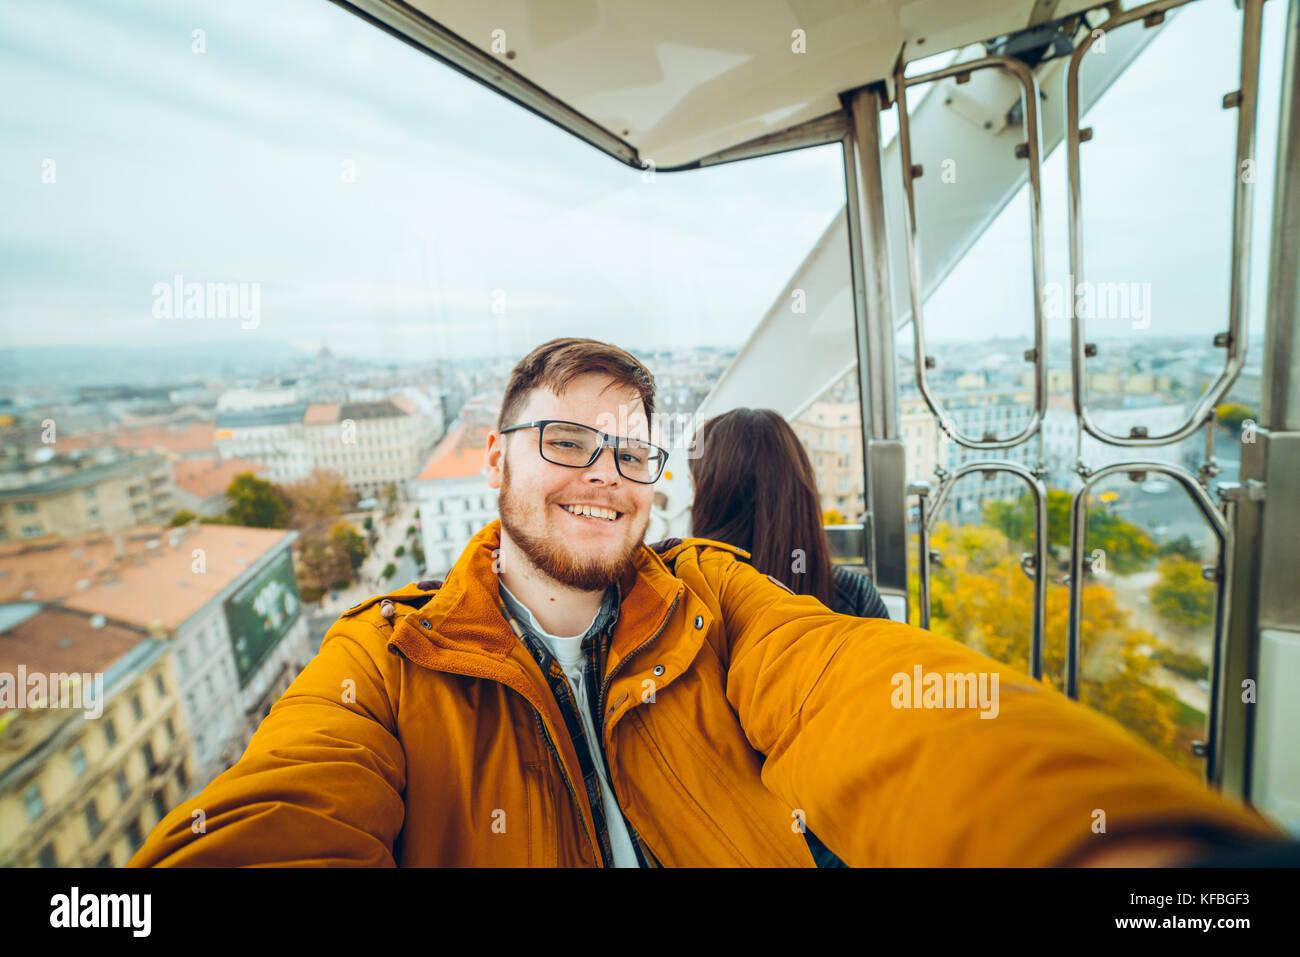 L'uomo con la donna a ruota panoramica Ferris prendendo un selfie Immagini Stock